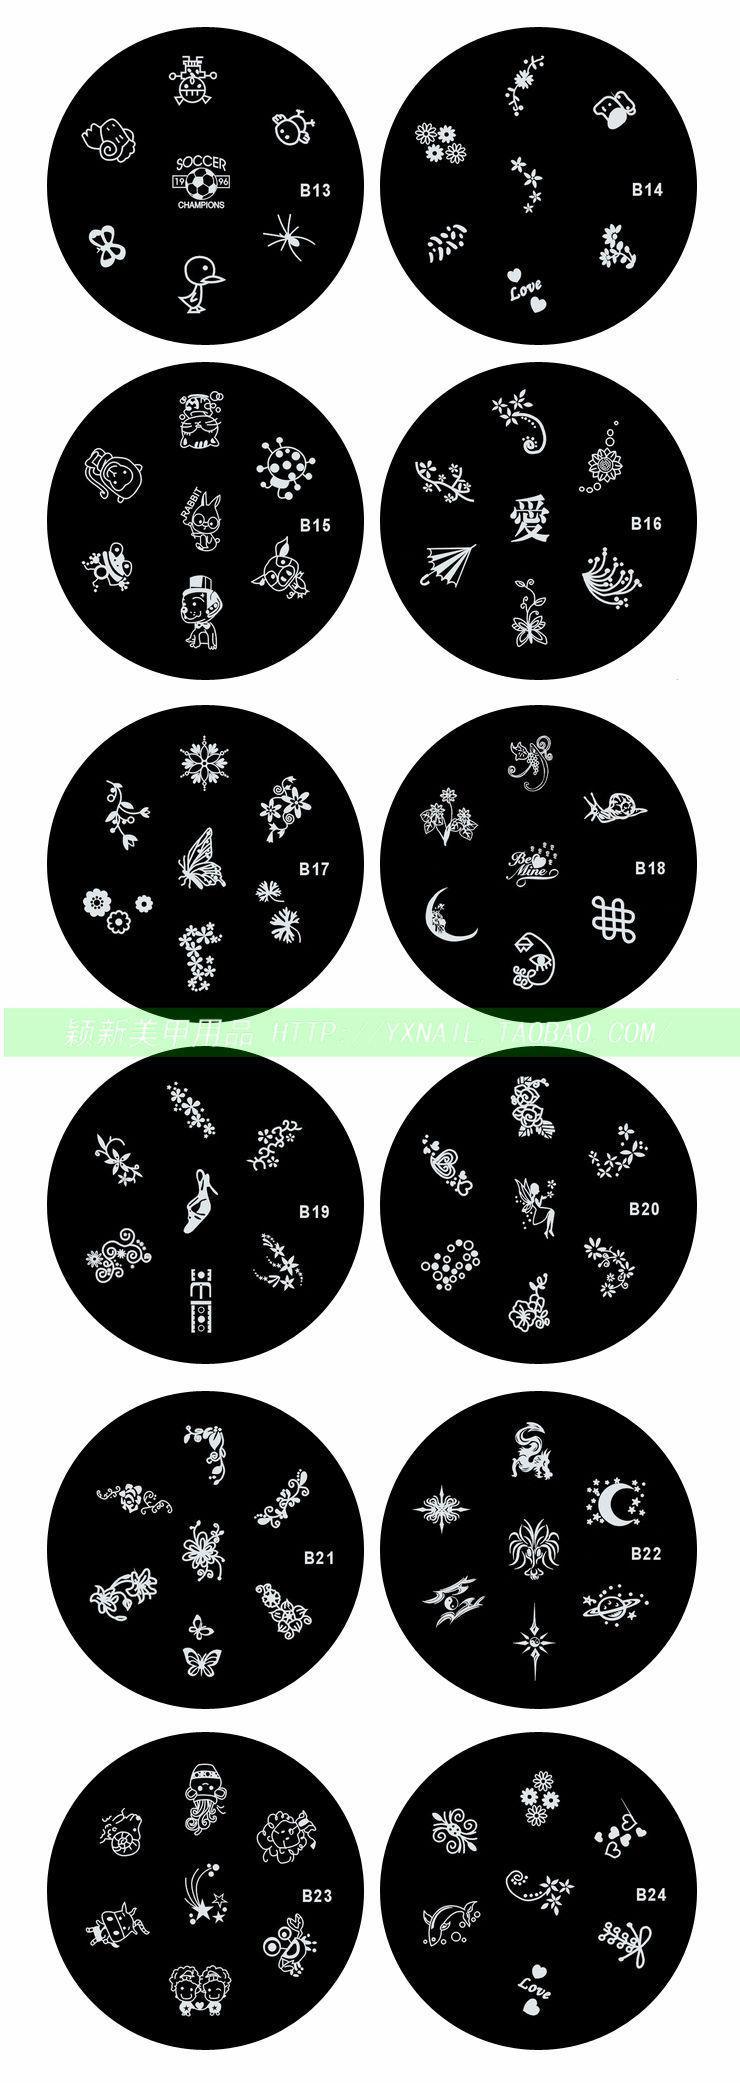 1000x 좋은 품질 스테인레스 스틸 네일 아트 우표 스탬프 금속판 인쇄 이미지 플레이트 디자인 템플릿 120 디자인